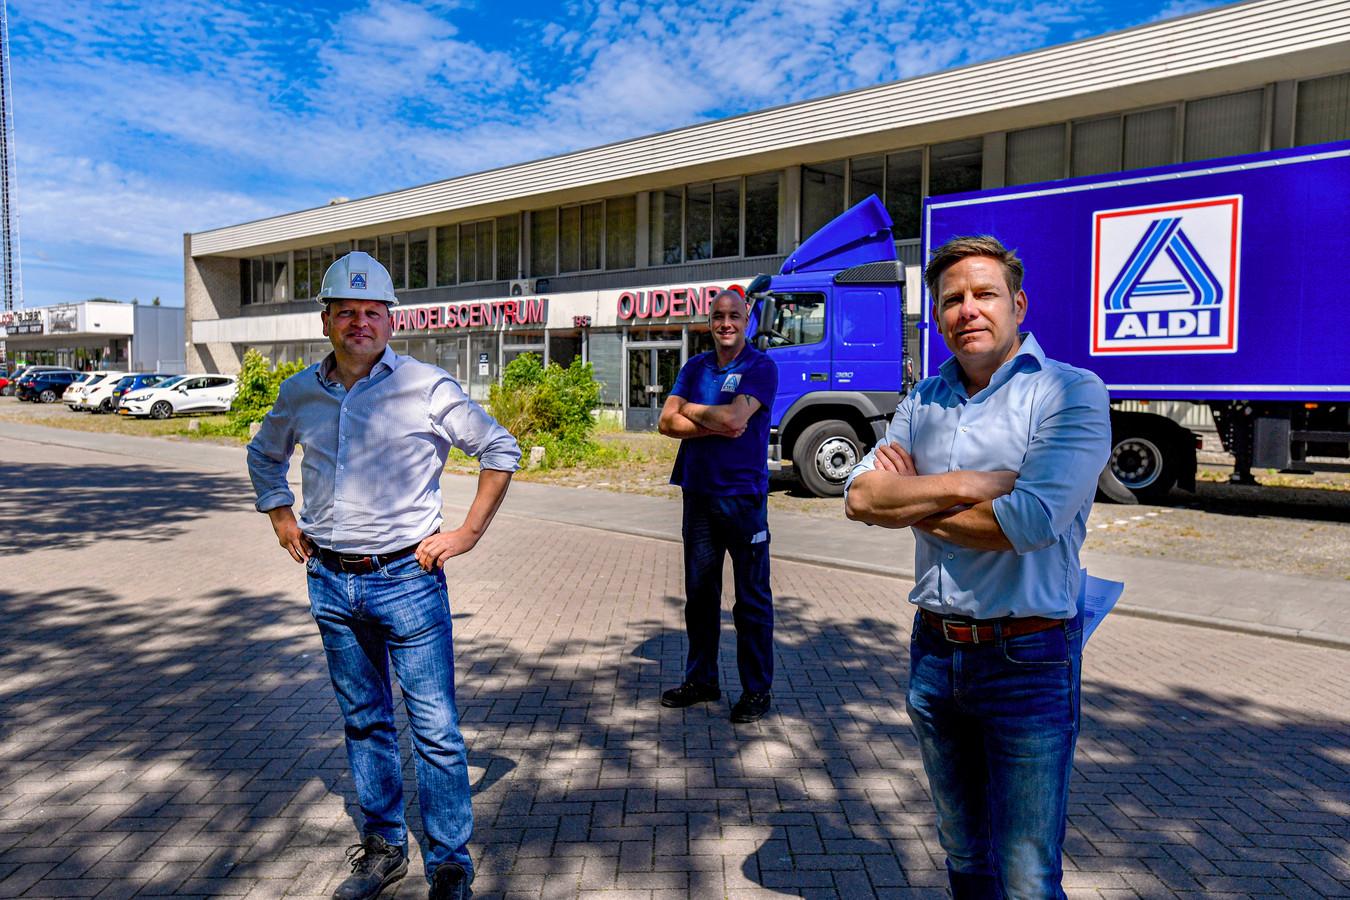 Raymond van Os en Gerald Kas liet vorige week de vrachtwagen van Aldi al voorrijden bij het handelscentrum aan de Bosschendijk. Dat feest gaat niet door; de gemeenteraad van Halderberge stak er donderdagavond een stokje voor.